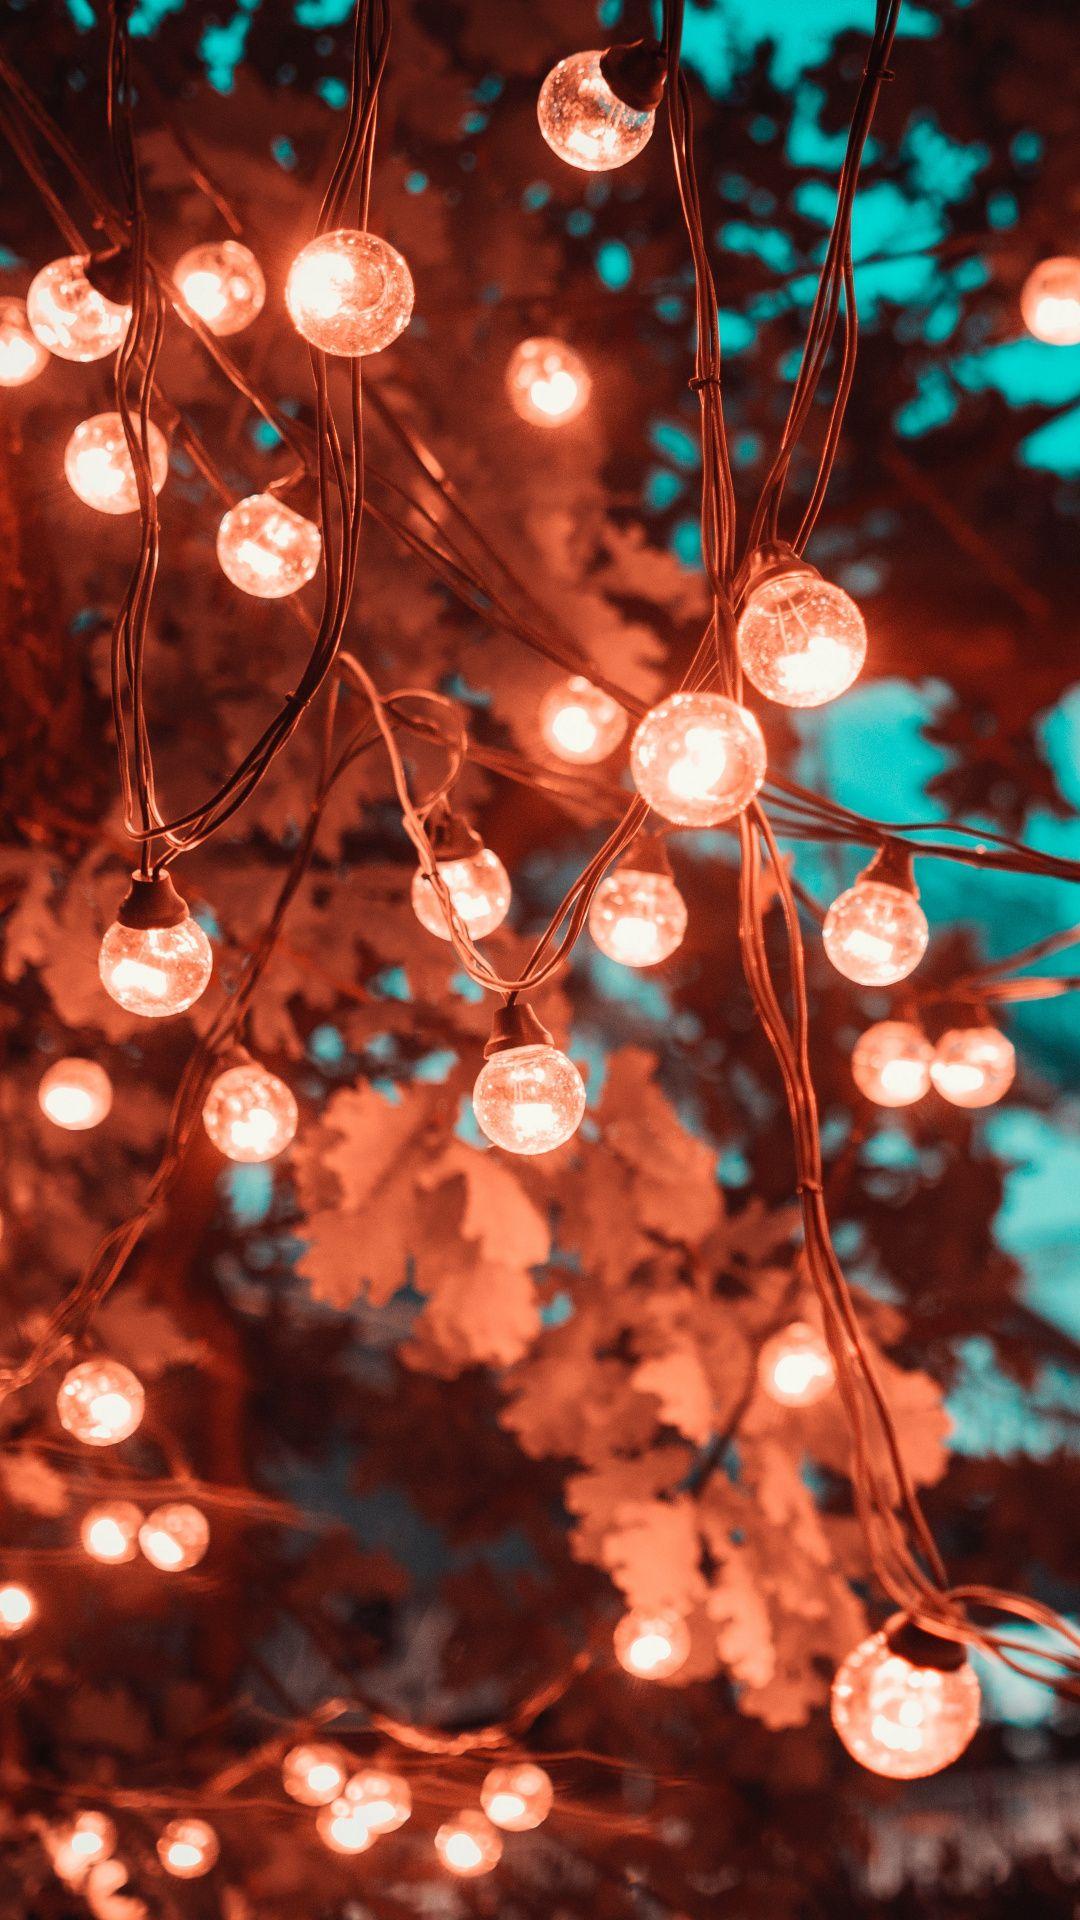 Wallpapers light emitting diode lighting christmas lights 1080x1920